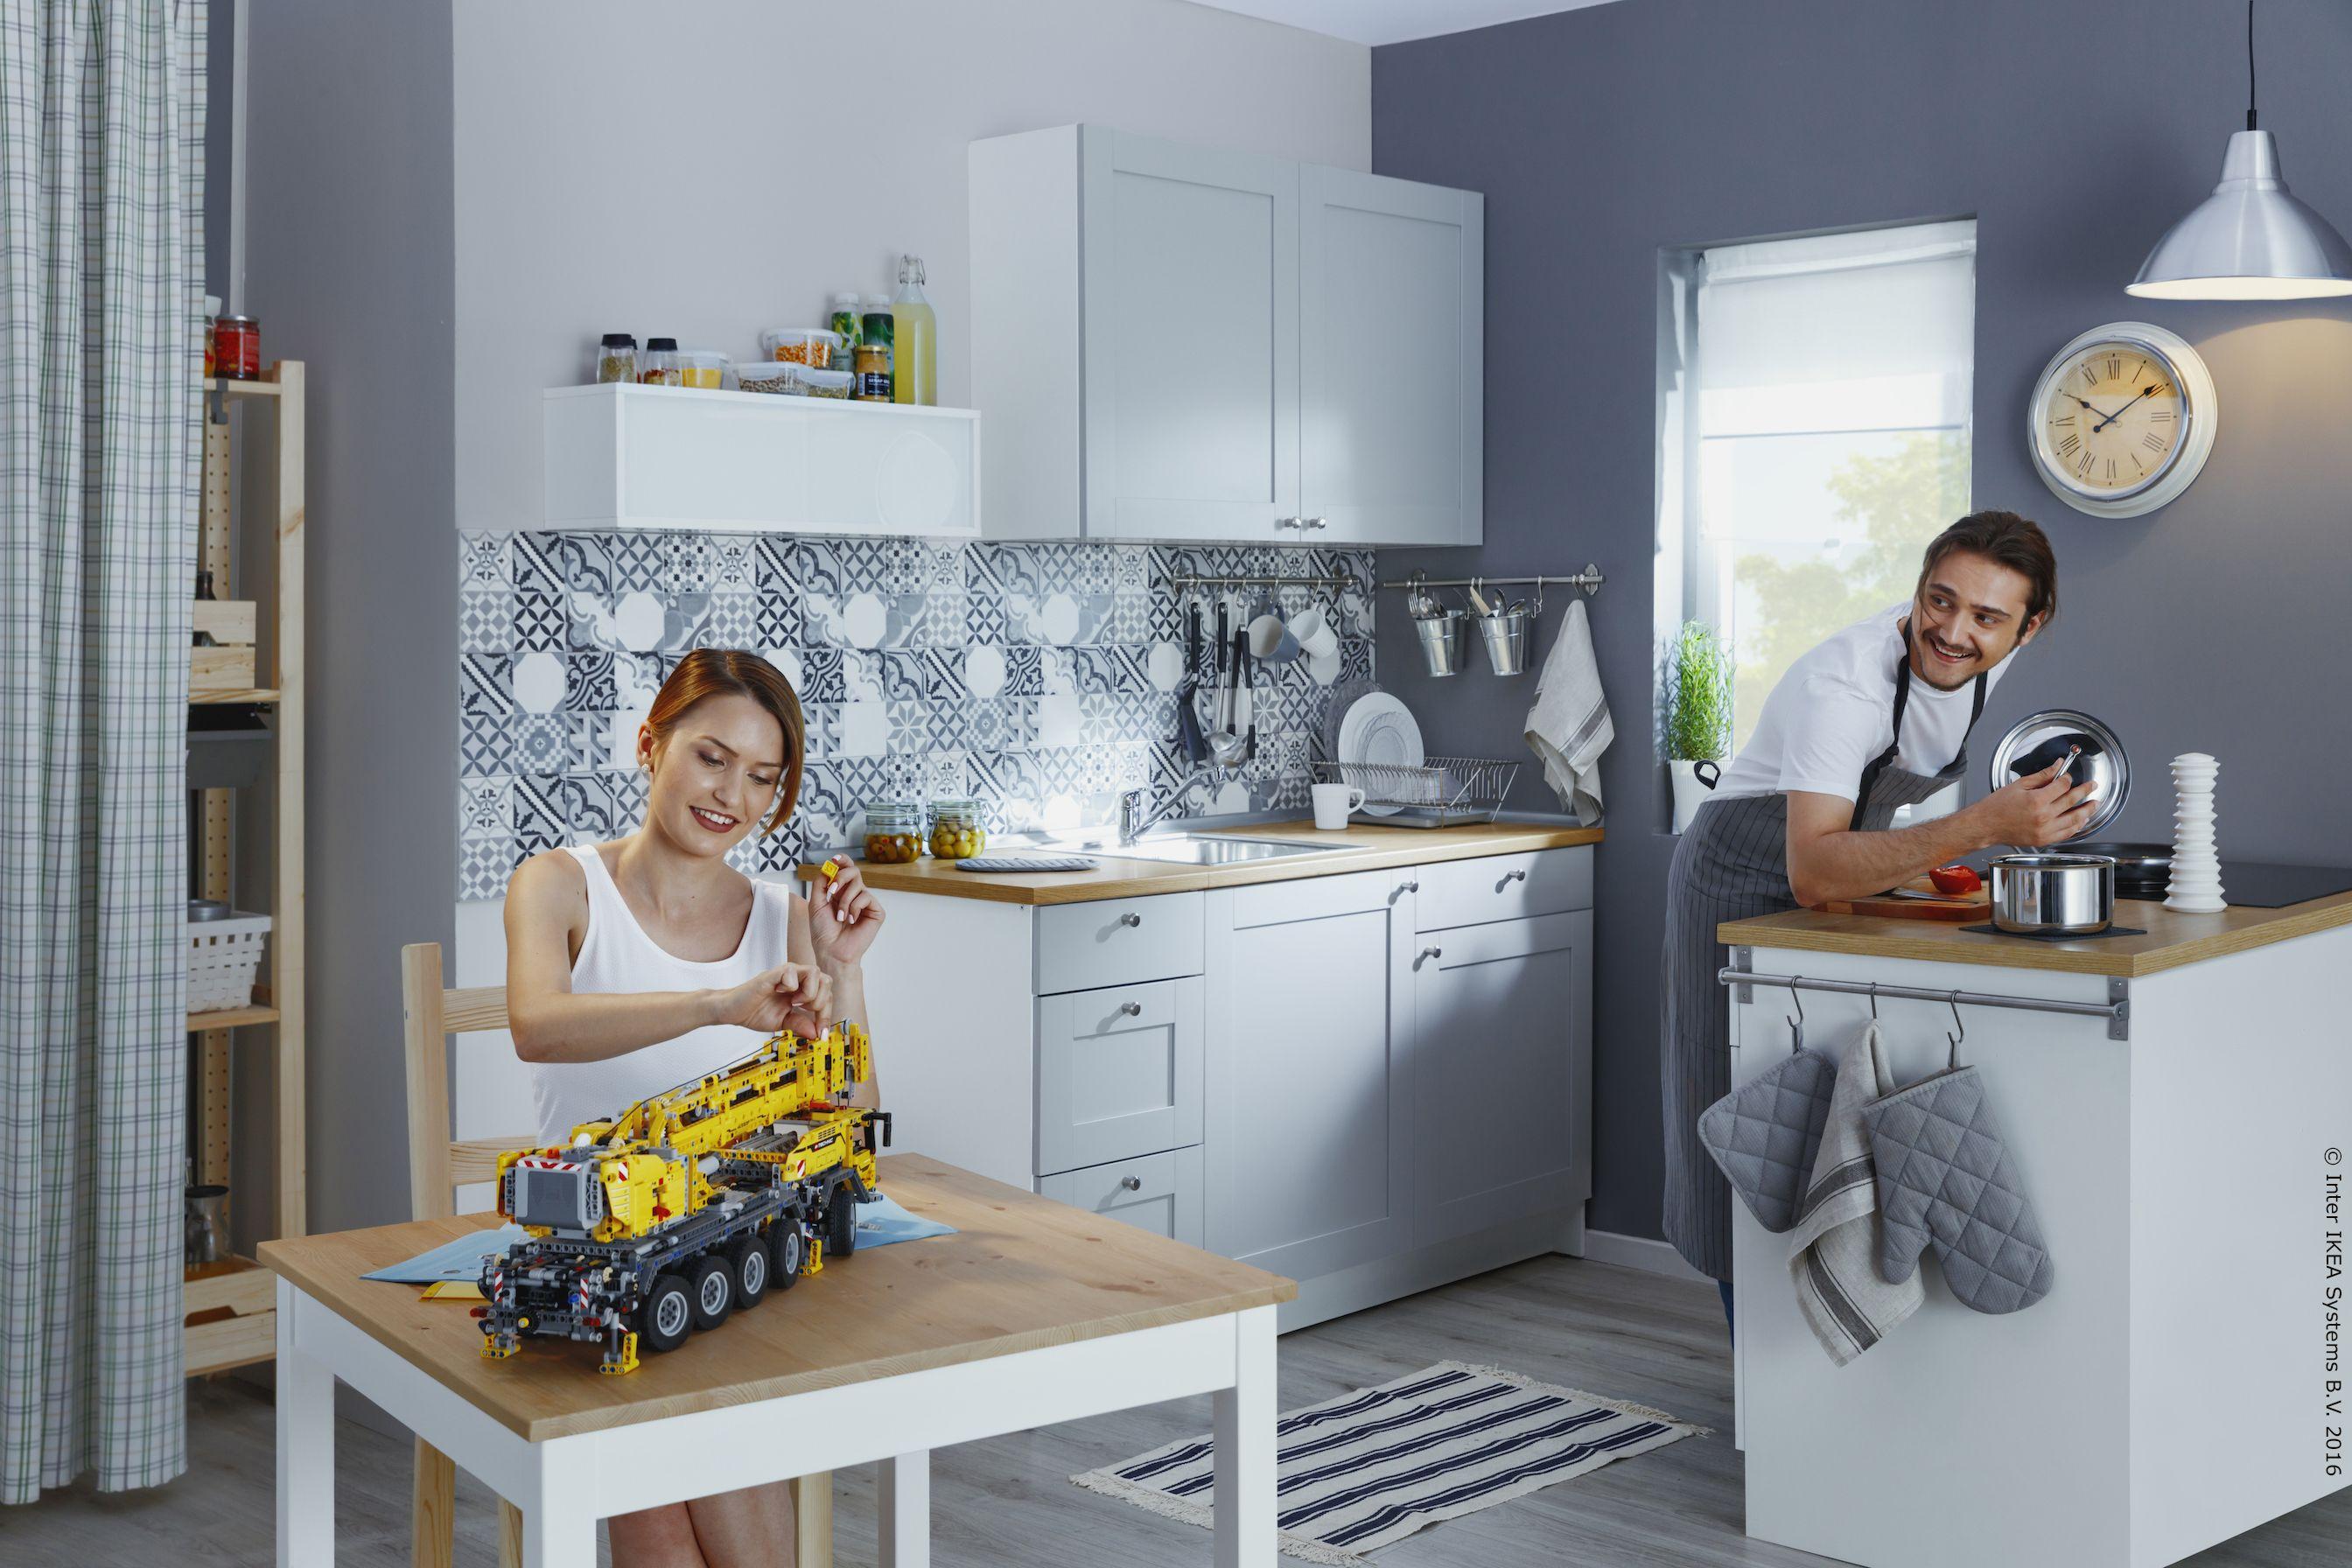 Igračke nisu samo za djecu, kao što ni kuhanje nije samo za žene ...